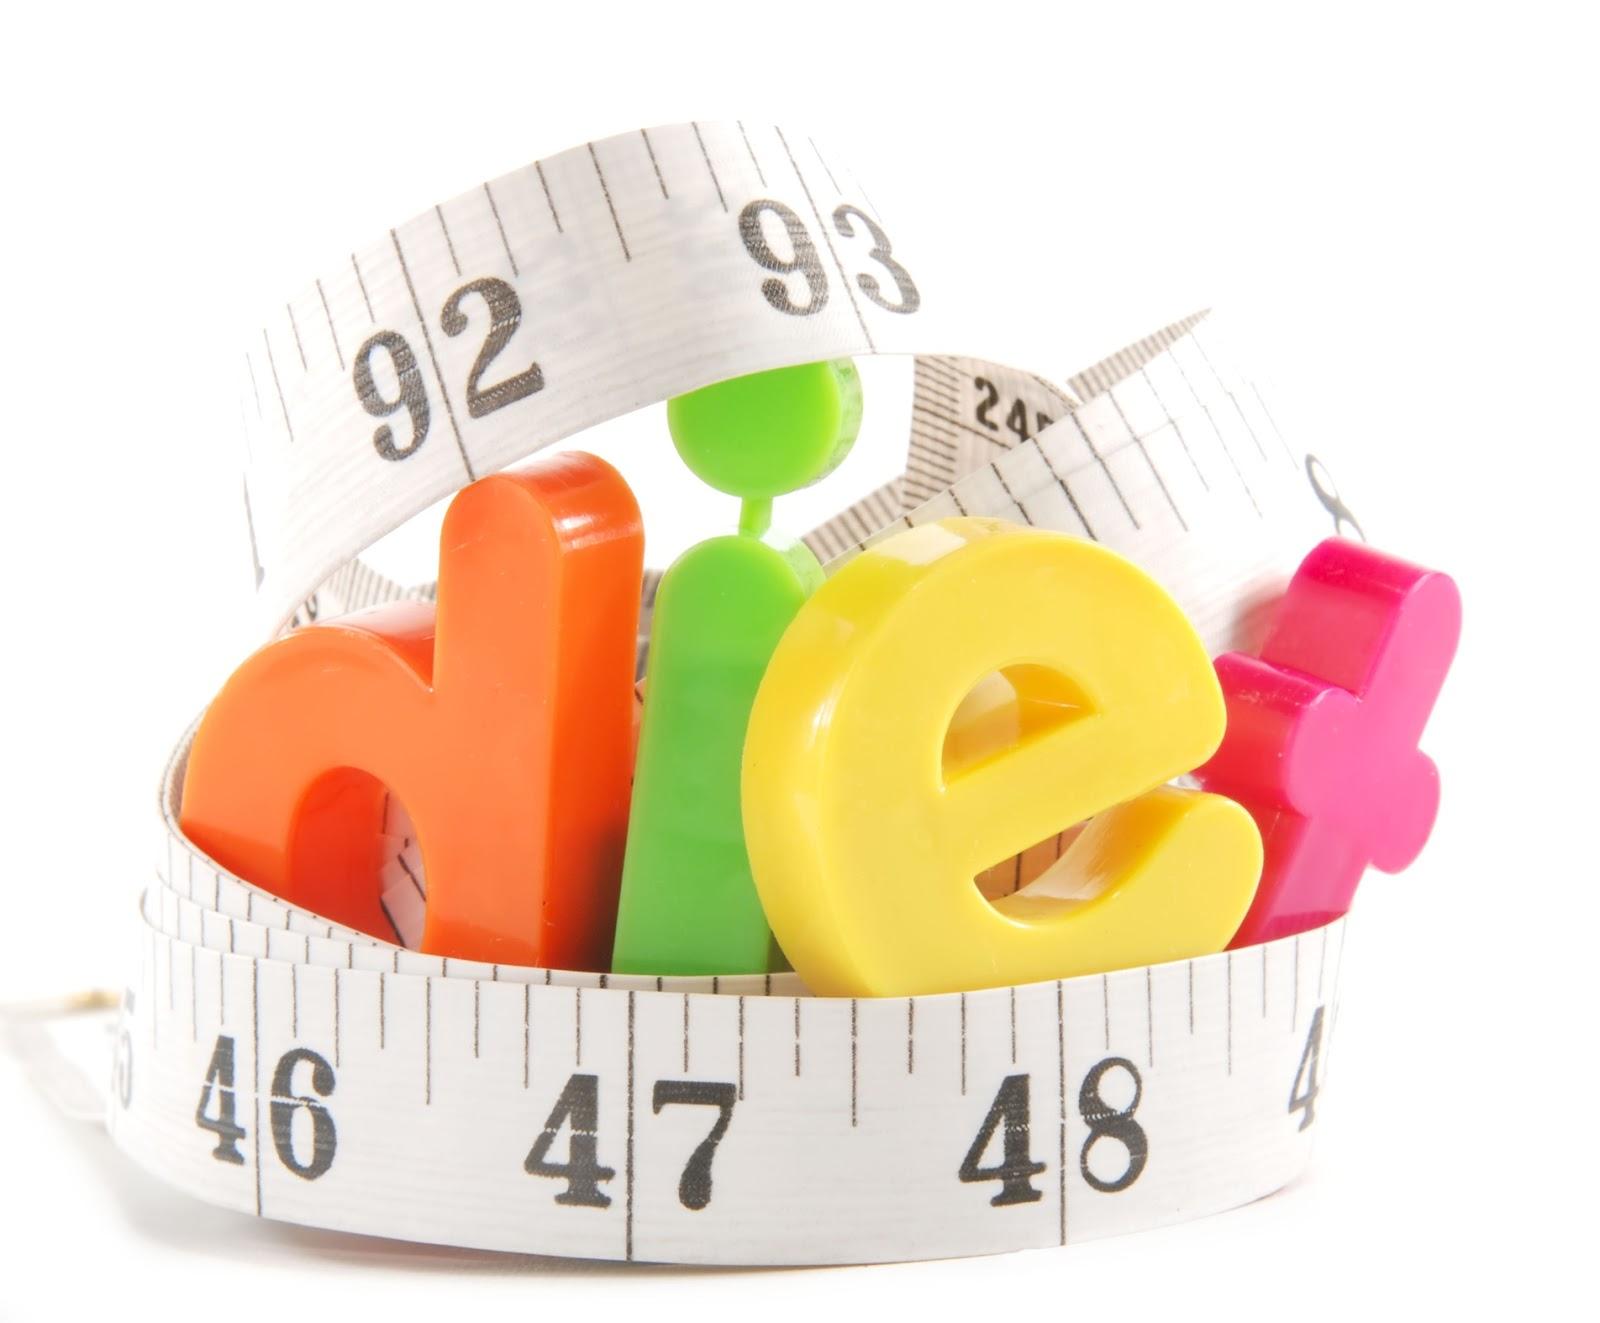 Ημερολόγιο δίαιτας: Εσείς το δοκιμάσατε;